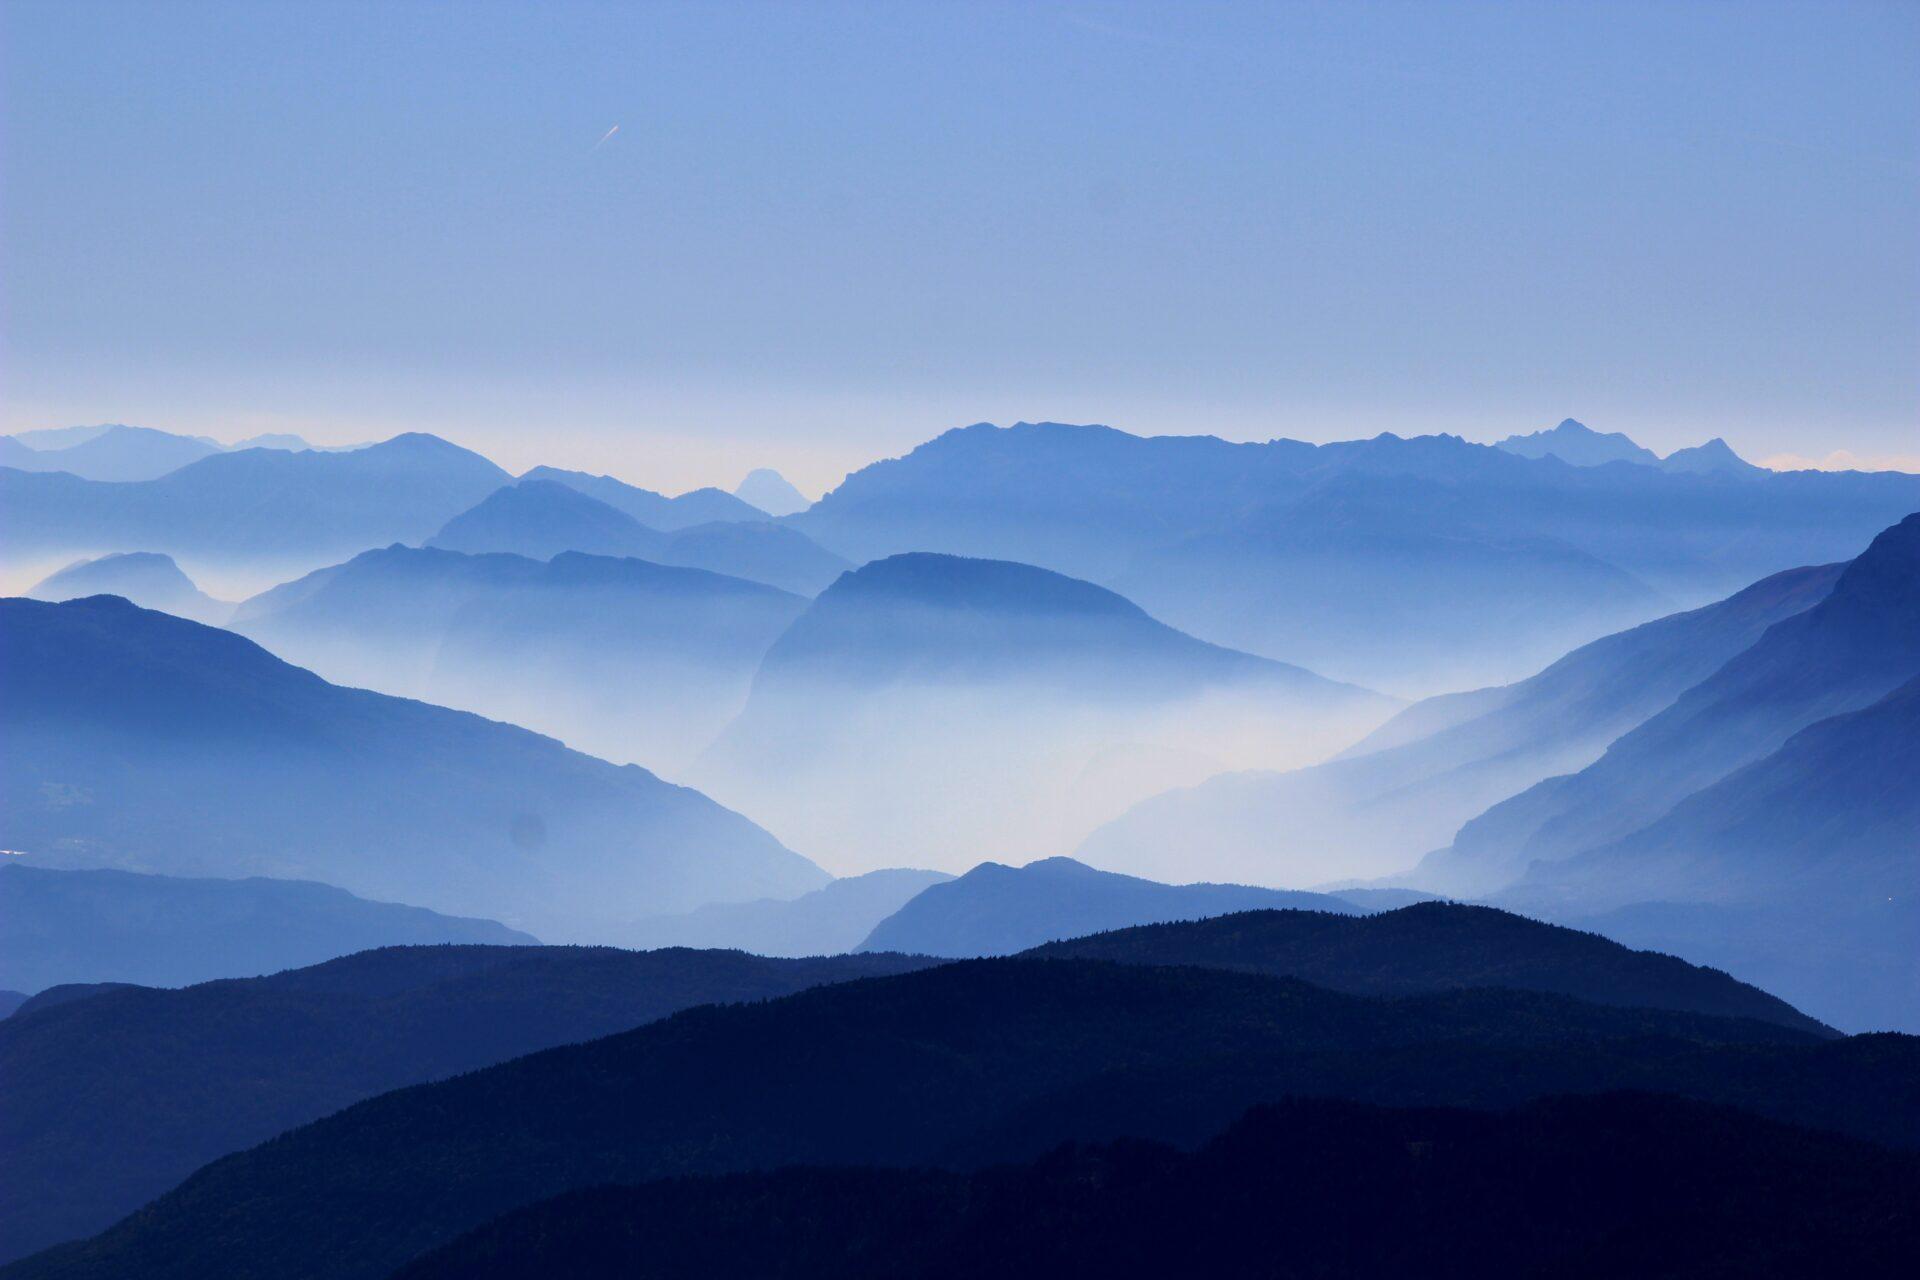 武陵源の成り立ちやどうやってできたかを調査!生息する動物や現地の気候は?